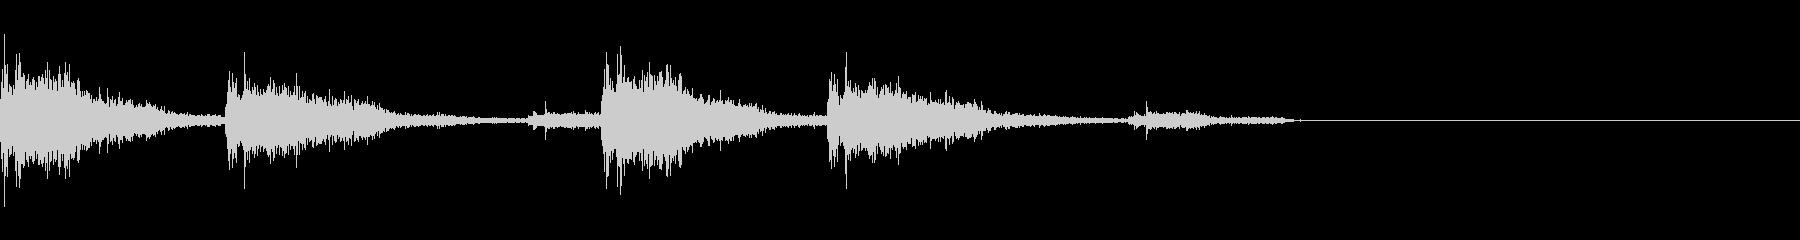 ガッタンゴットン04(電車)の未再生の波形